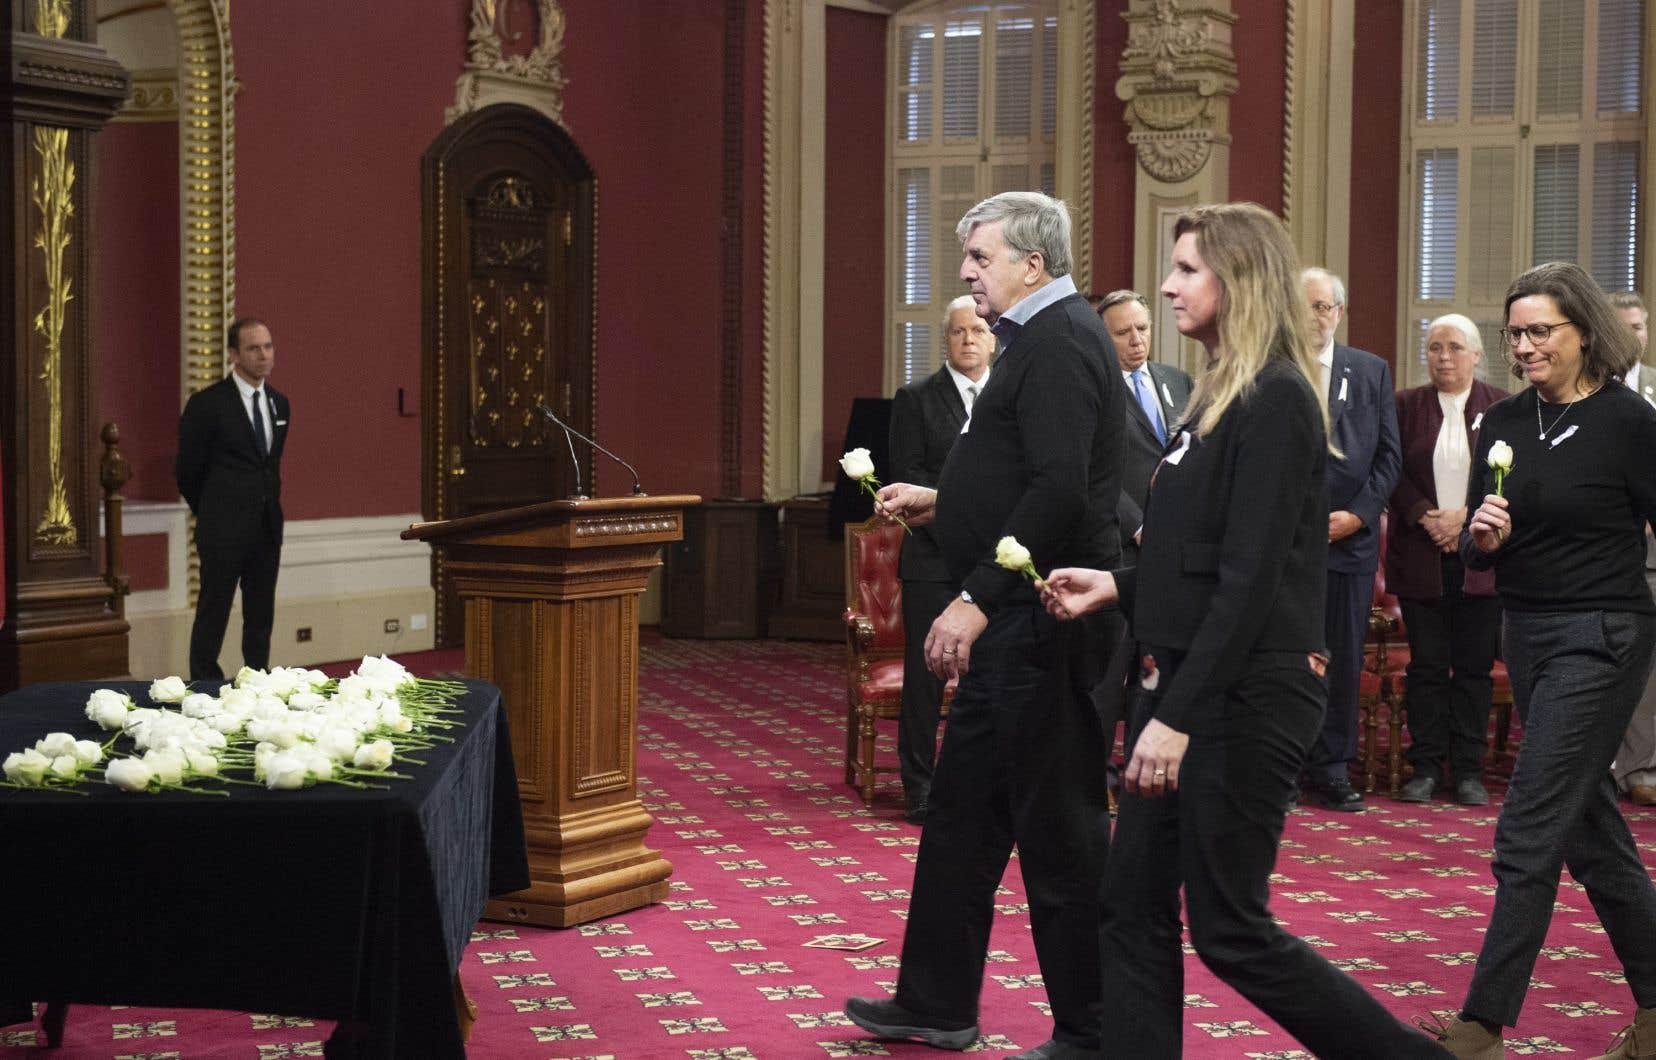 Les familles et les élus du Parlement ont déposé des roses blanches, devenues les symboles de commémoration de la tuerie de l'École polytechnique.